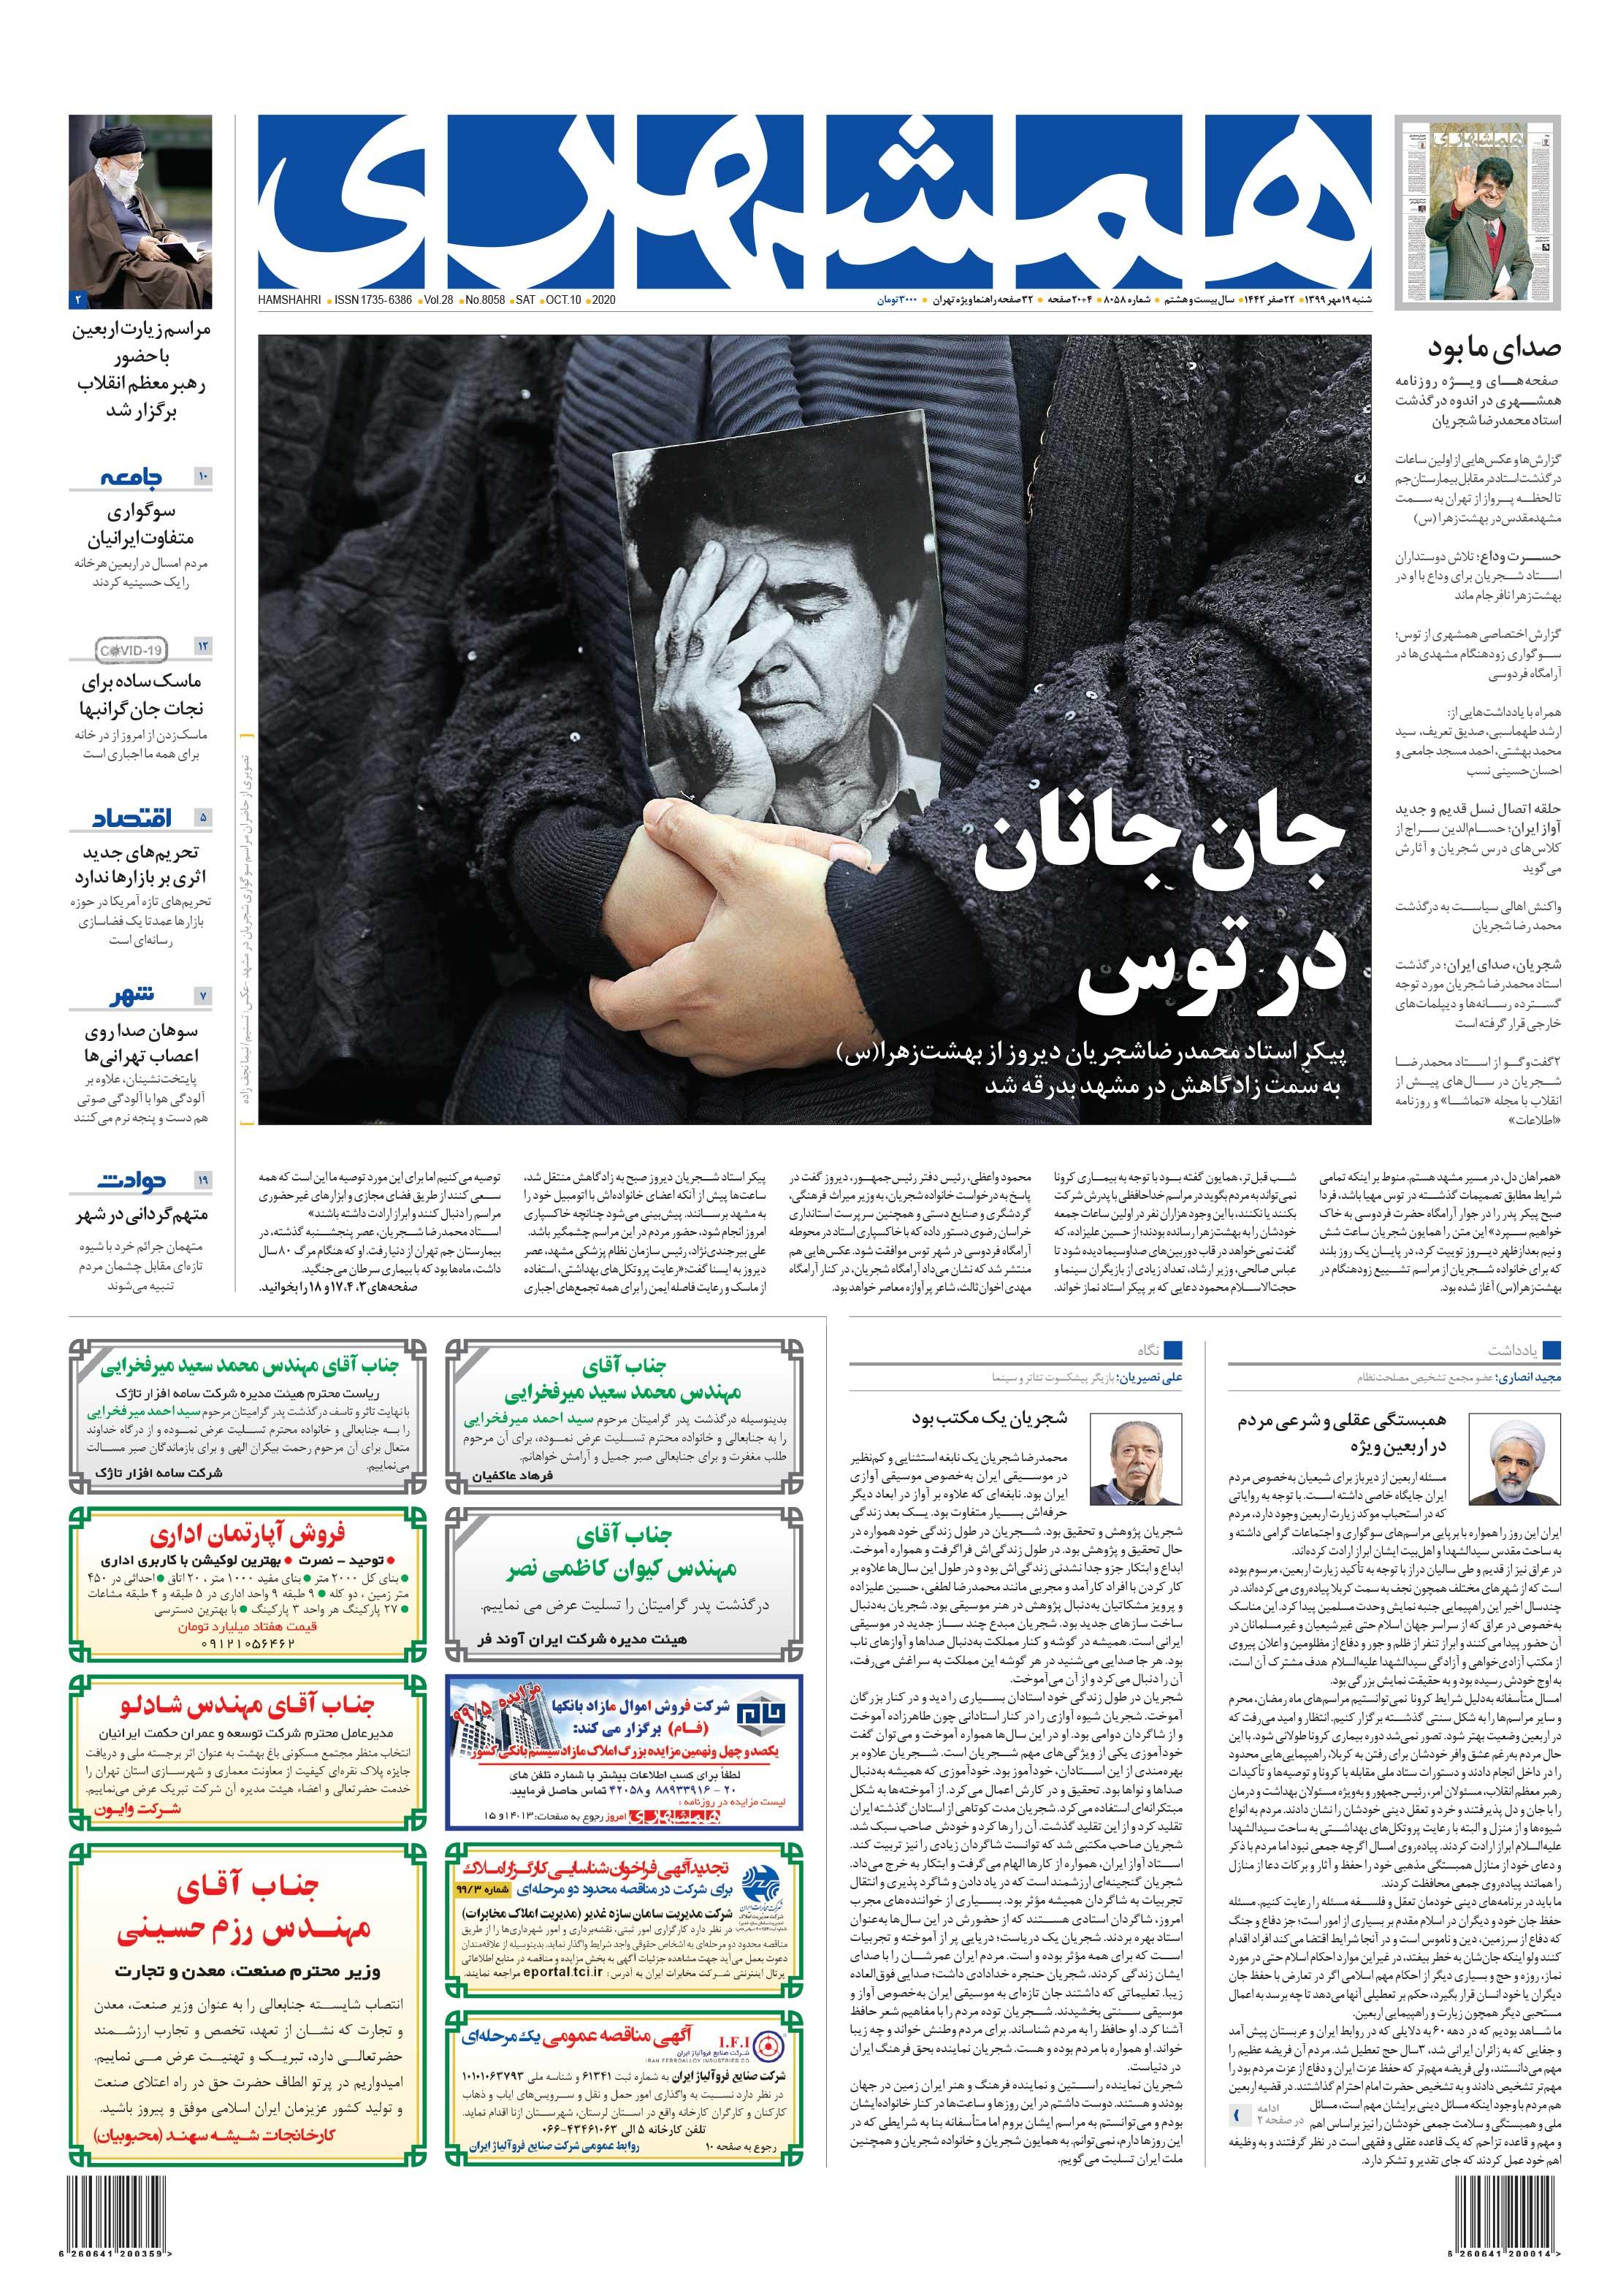 صفحه اول شنبه 19 مهر 1399